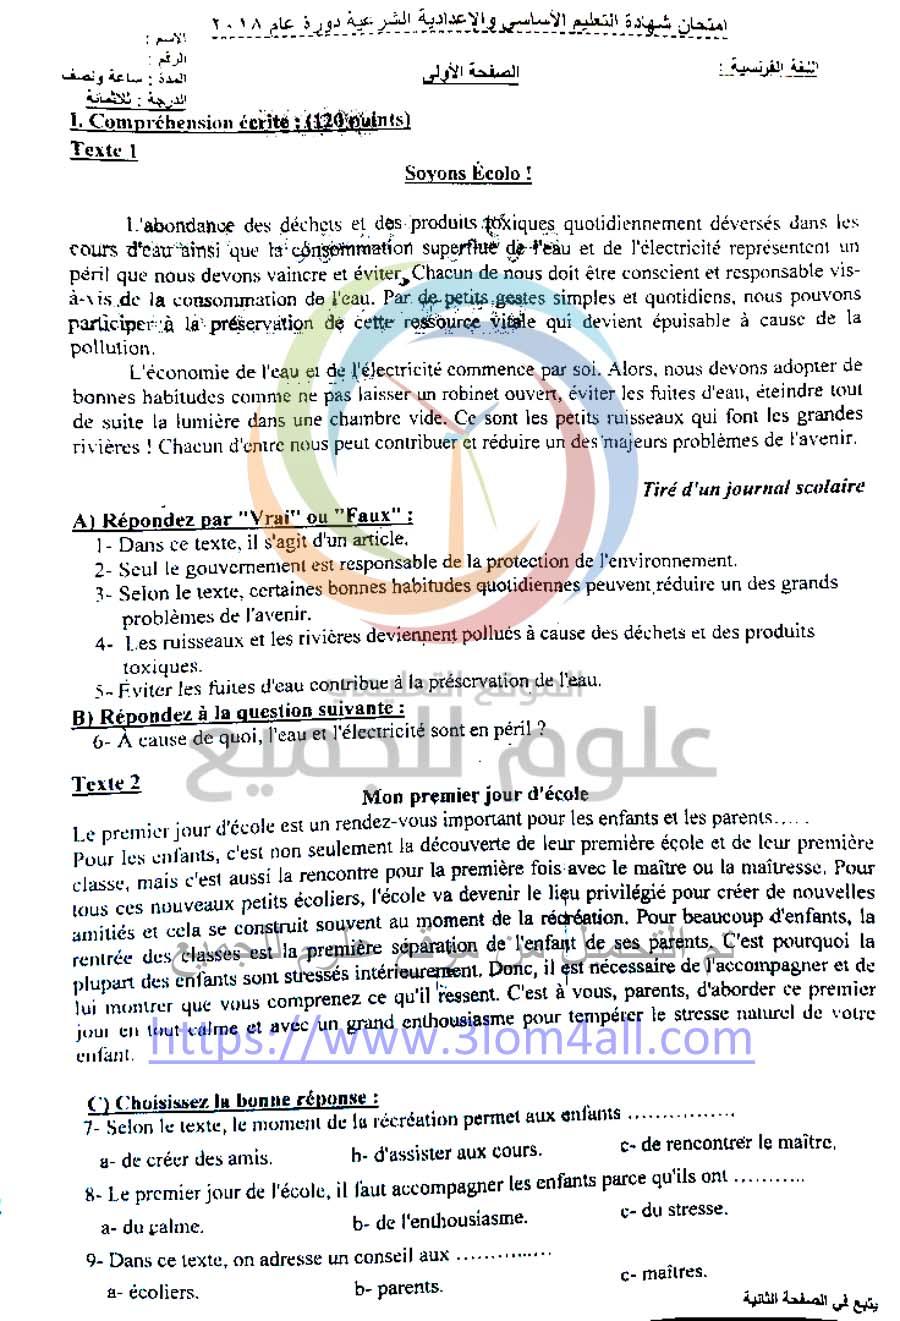 اللاذقية ورقة اسئلة الفرنسي للامتحان النهائي لطلاب شهادة التعليم الأساسي 2018 - التاسع سوريا